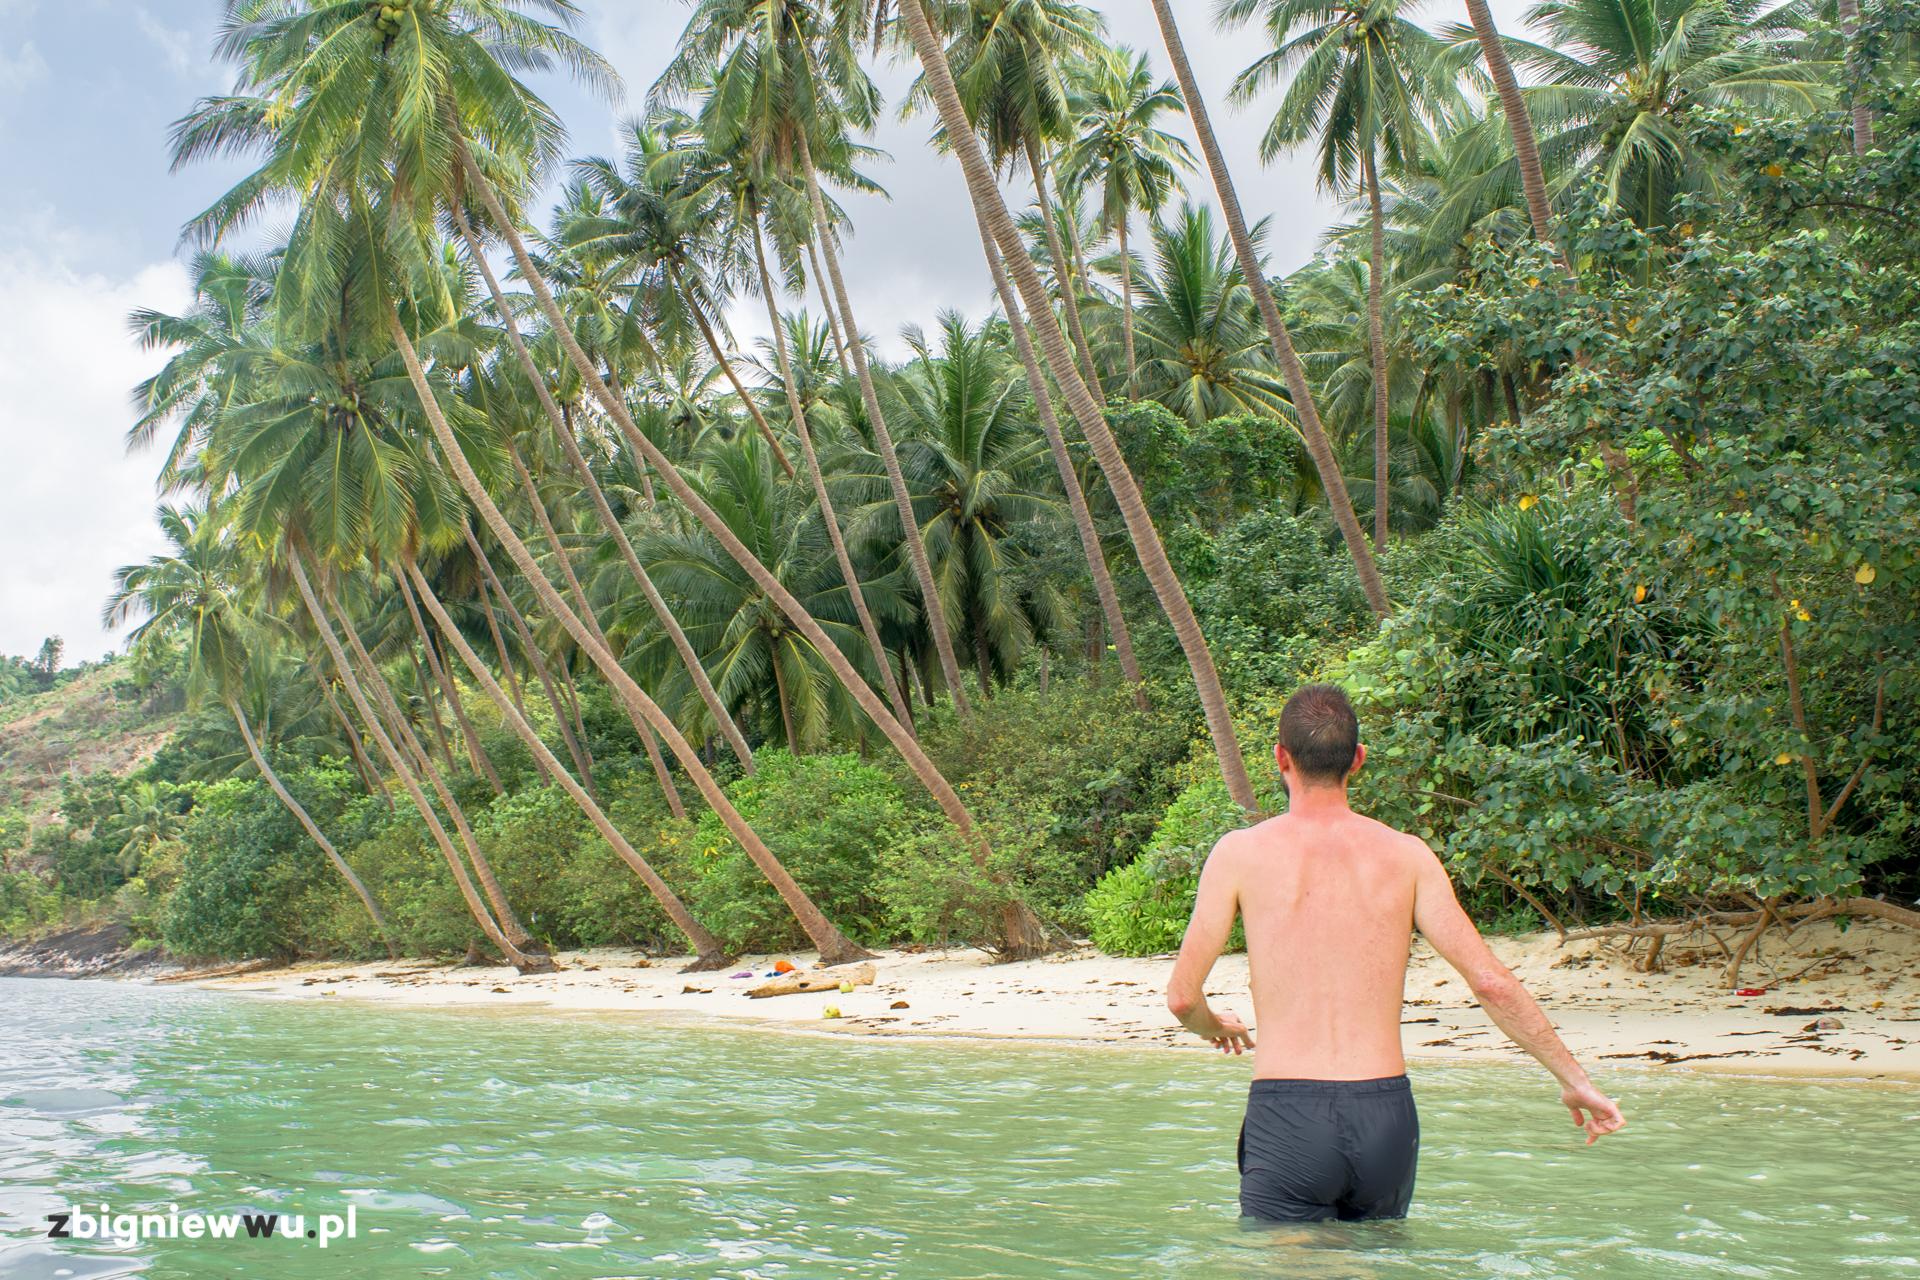 Rajska plaża. W poszukiwaniu rajskiej plaży w Tajlandii i na Bali